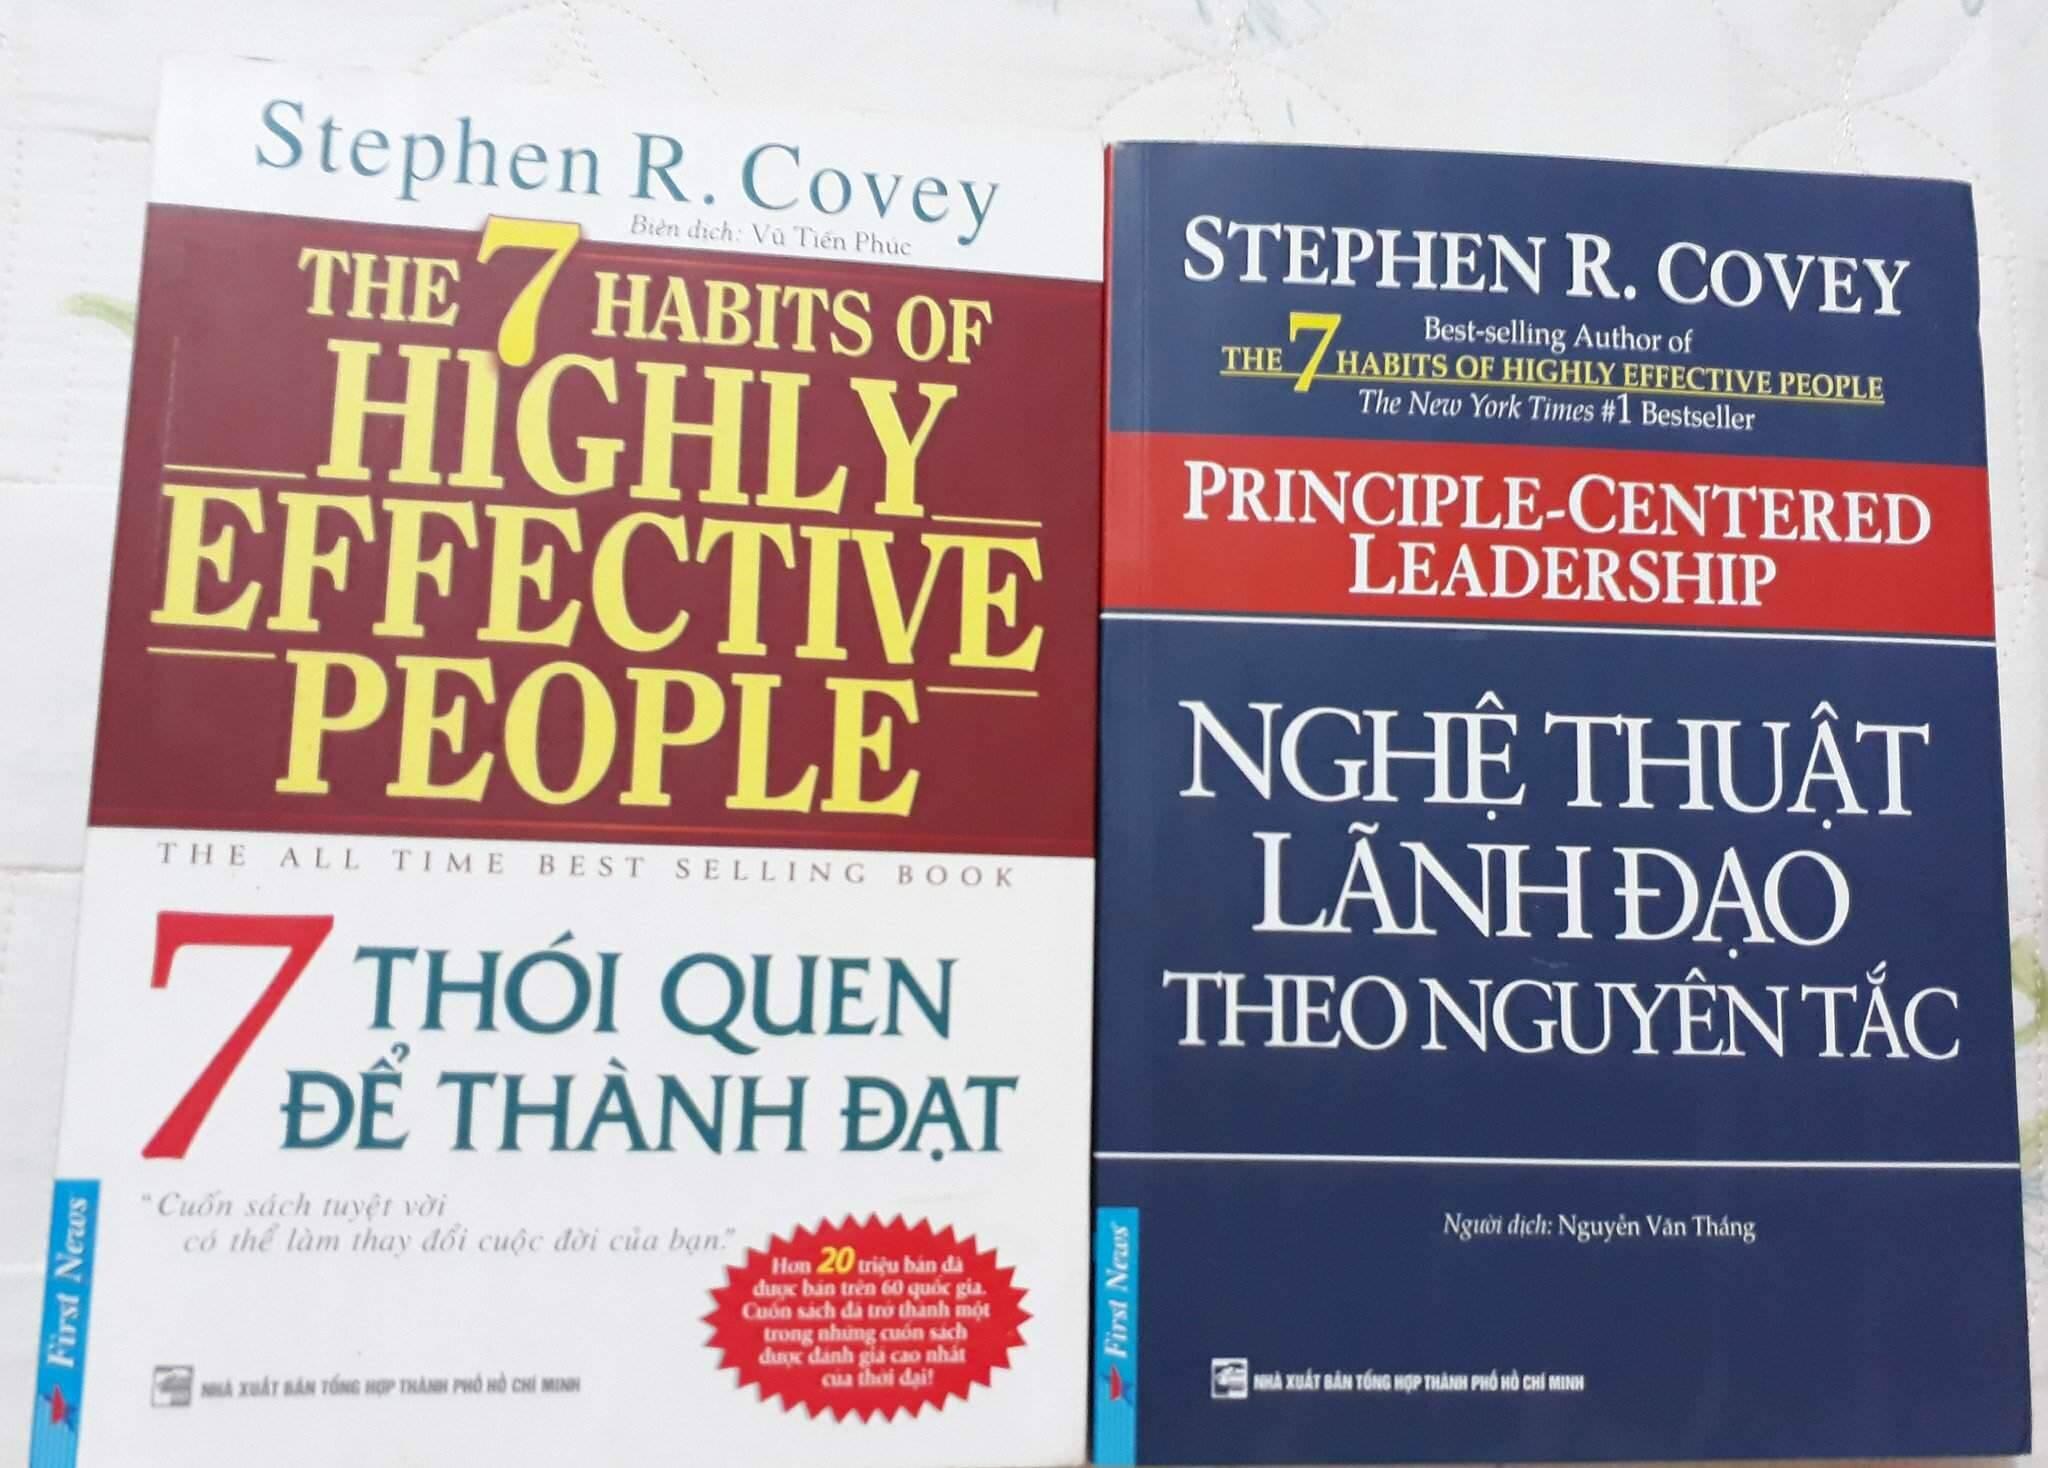 7 thói quen của người thành đạt